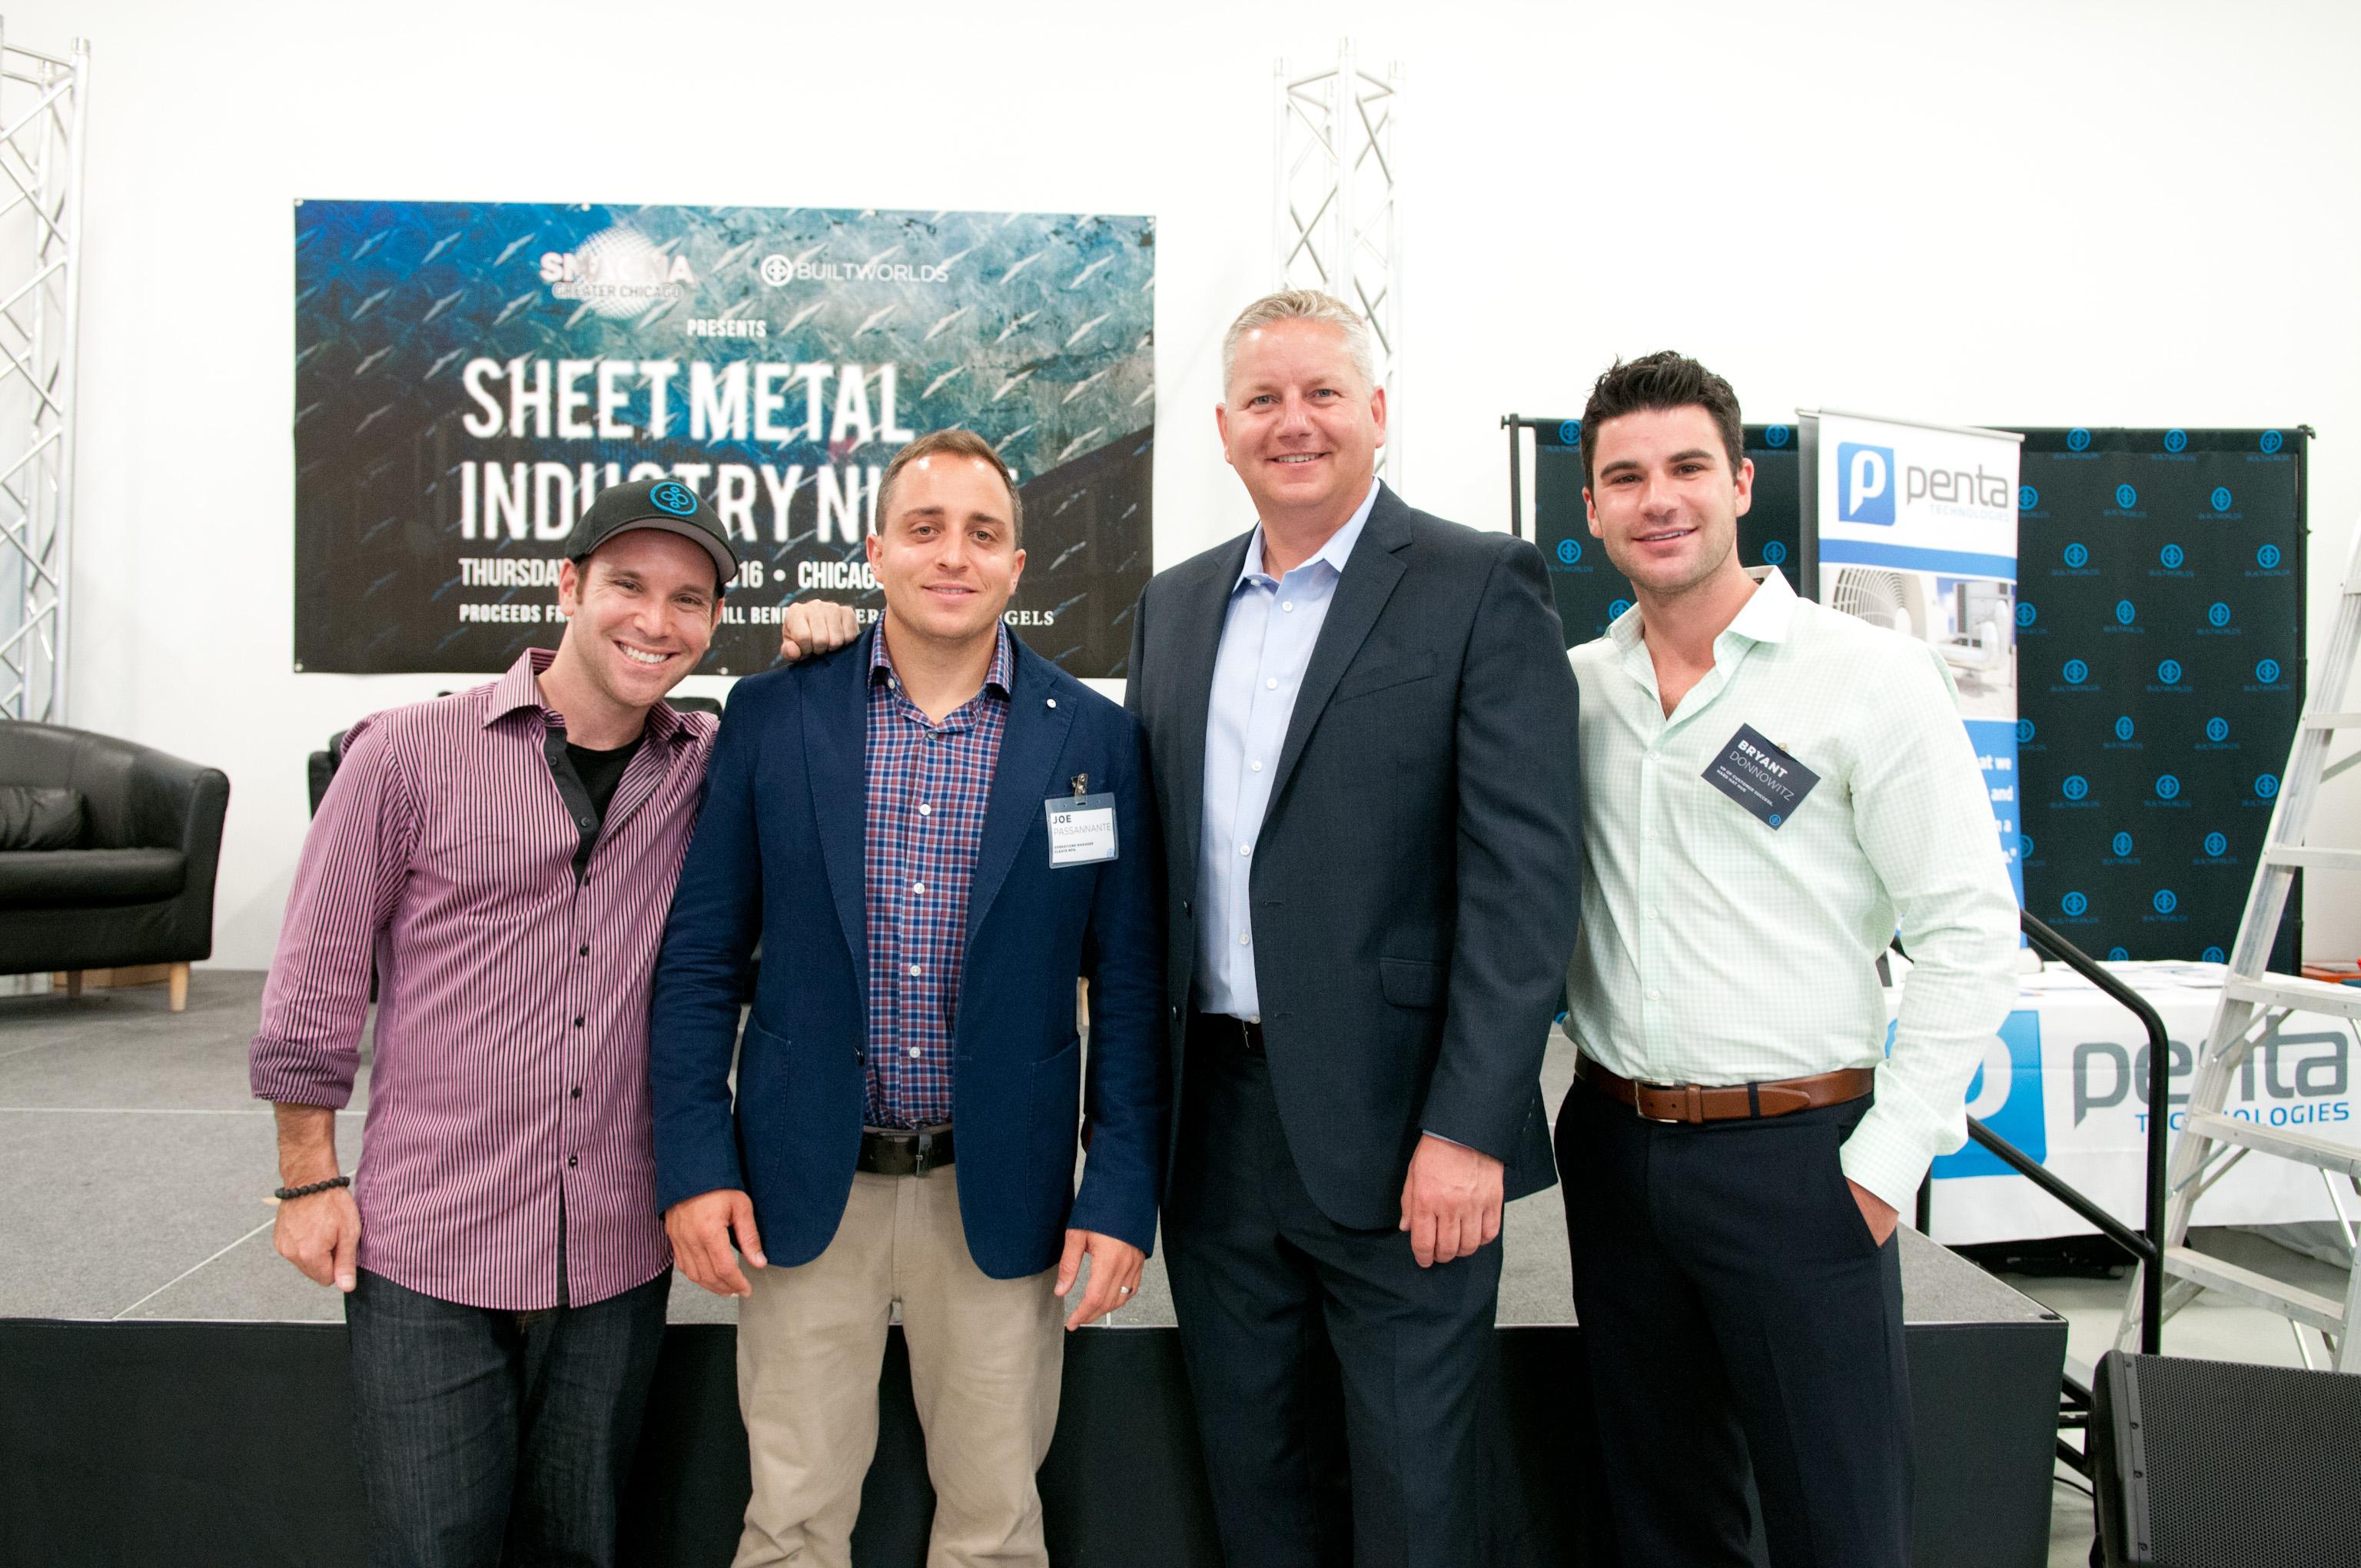 sheet metal event